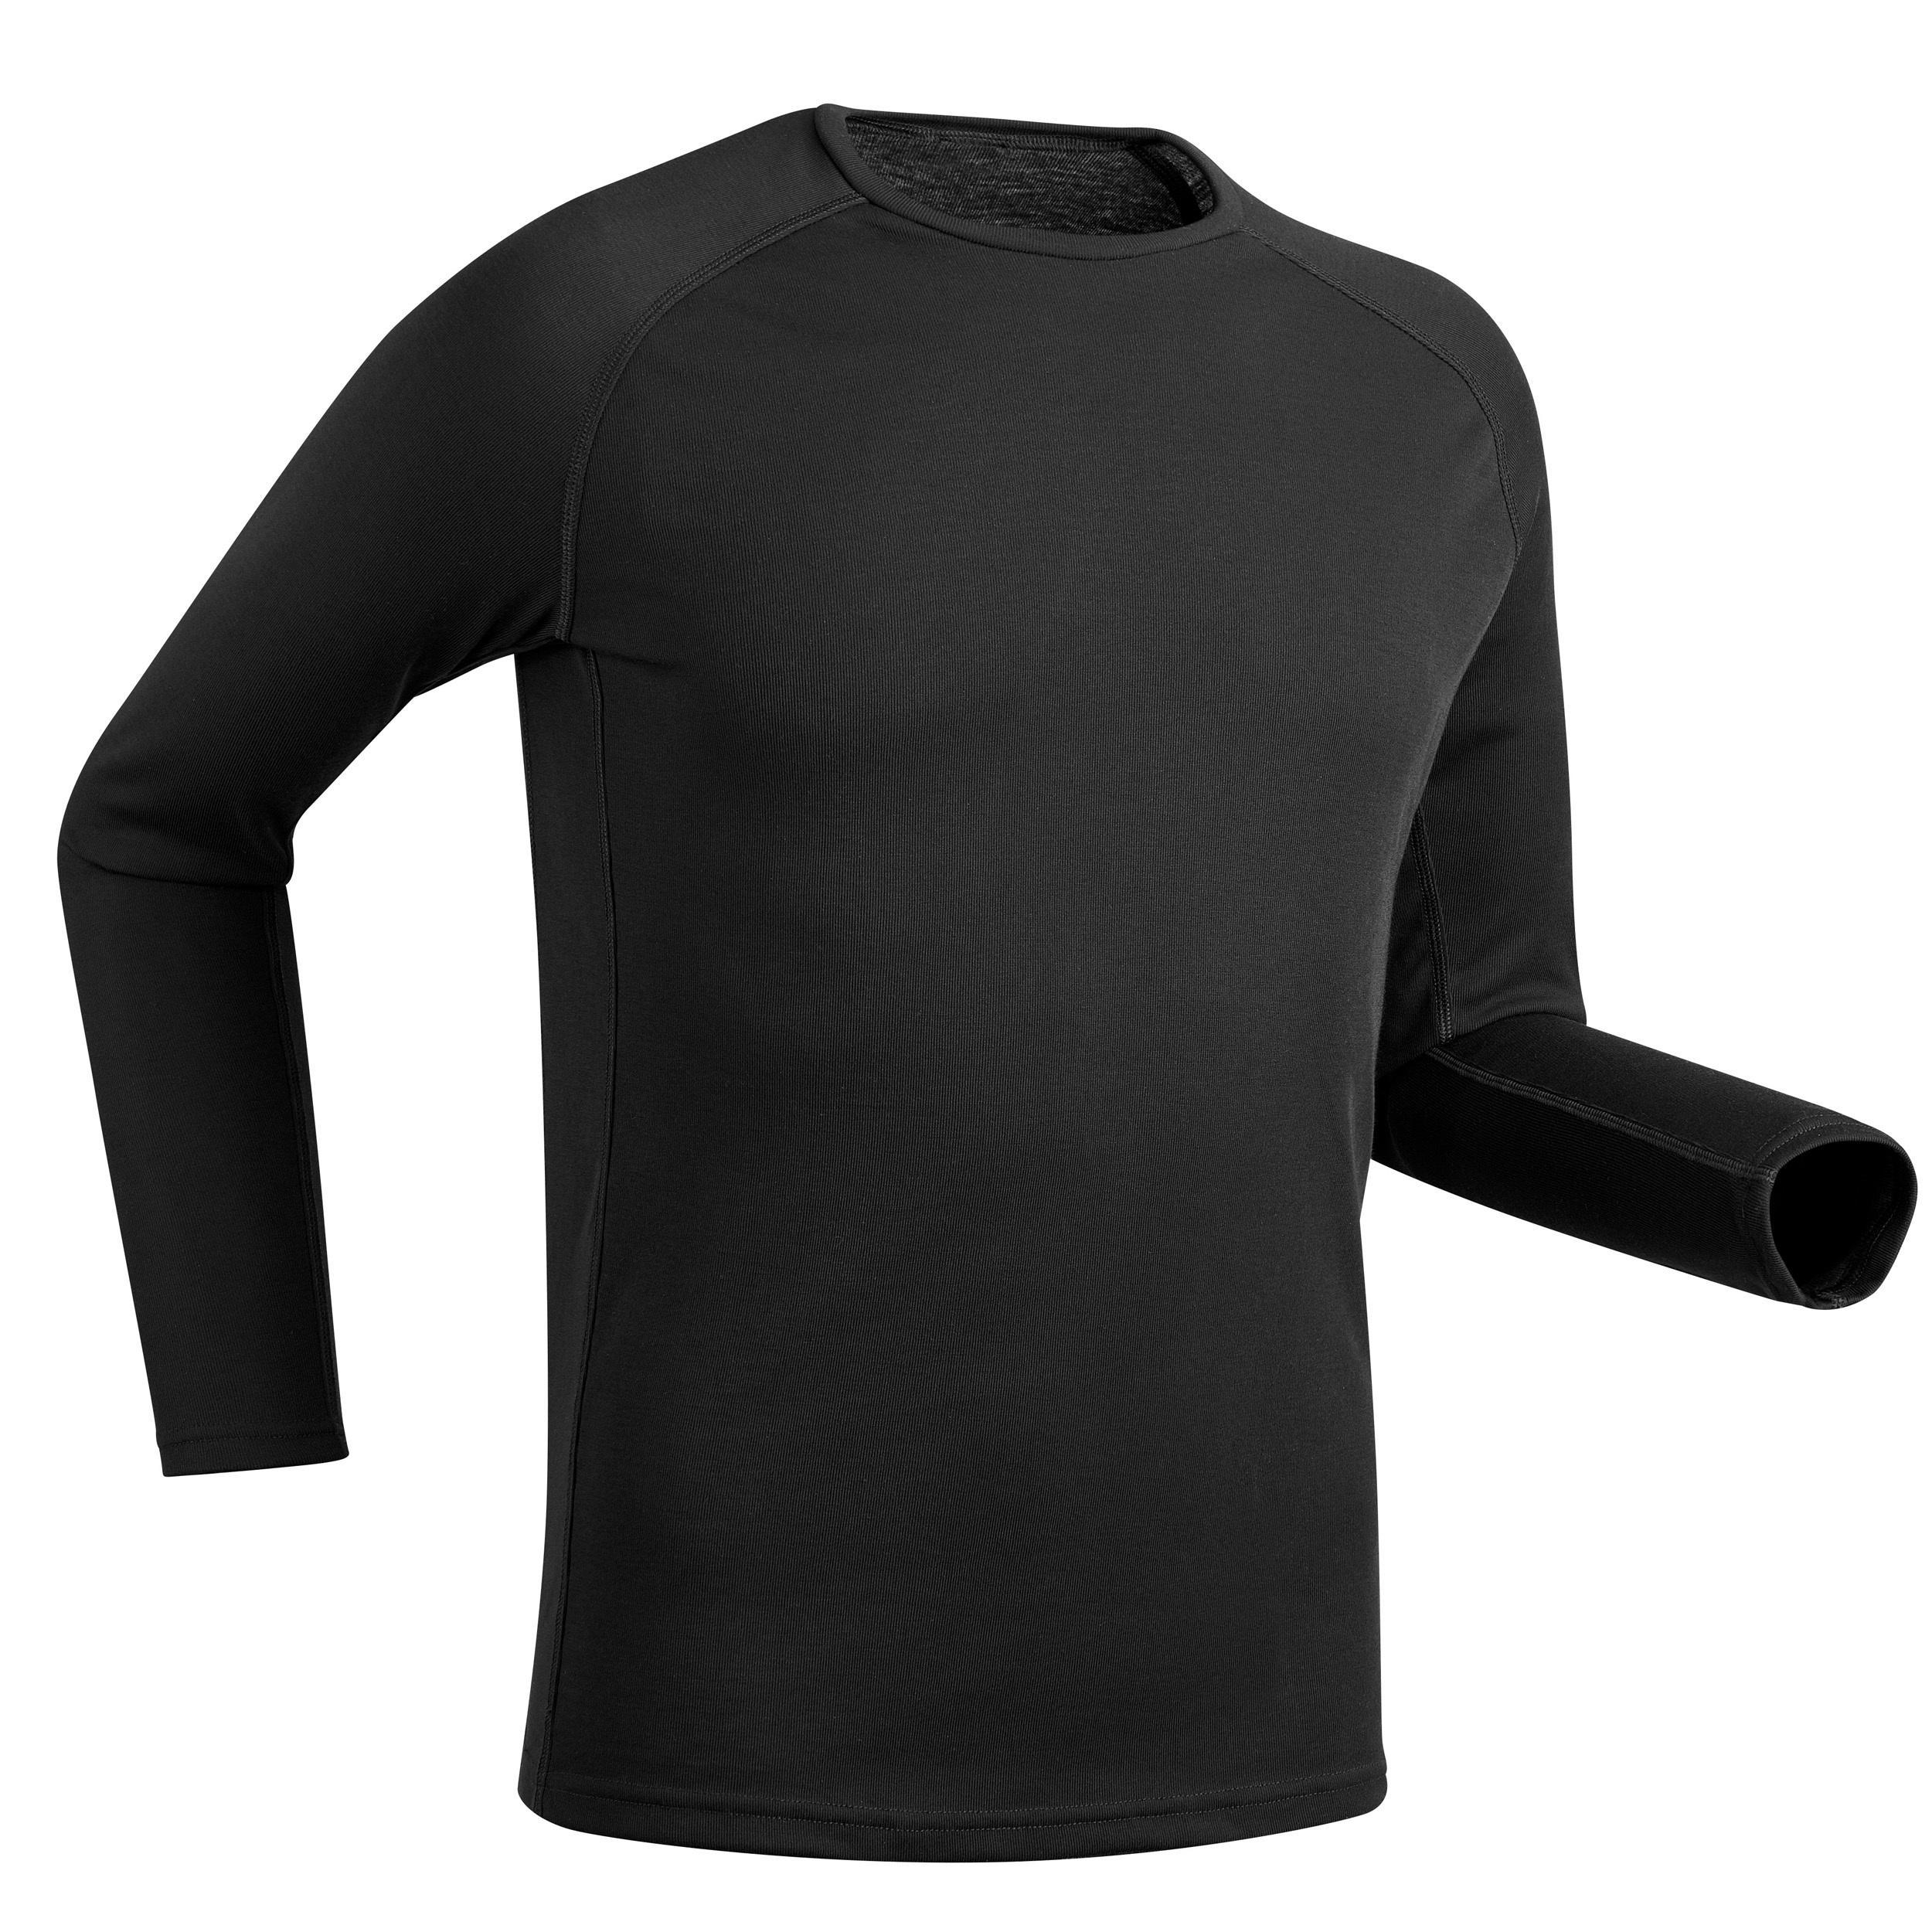 e5fe80de130c Comprar Camisetas de Deportivas y Técnicas para Hombre | Decathlon